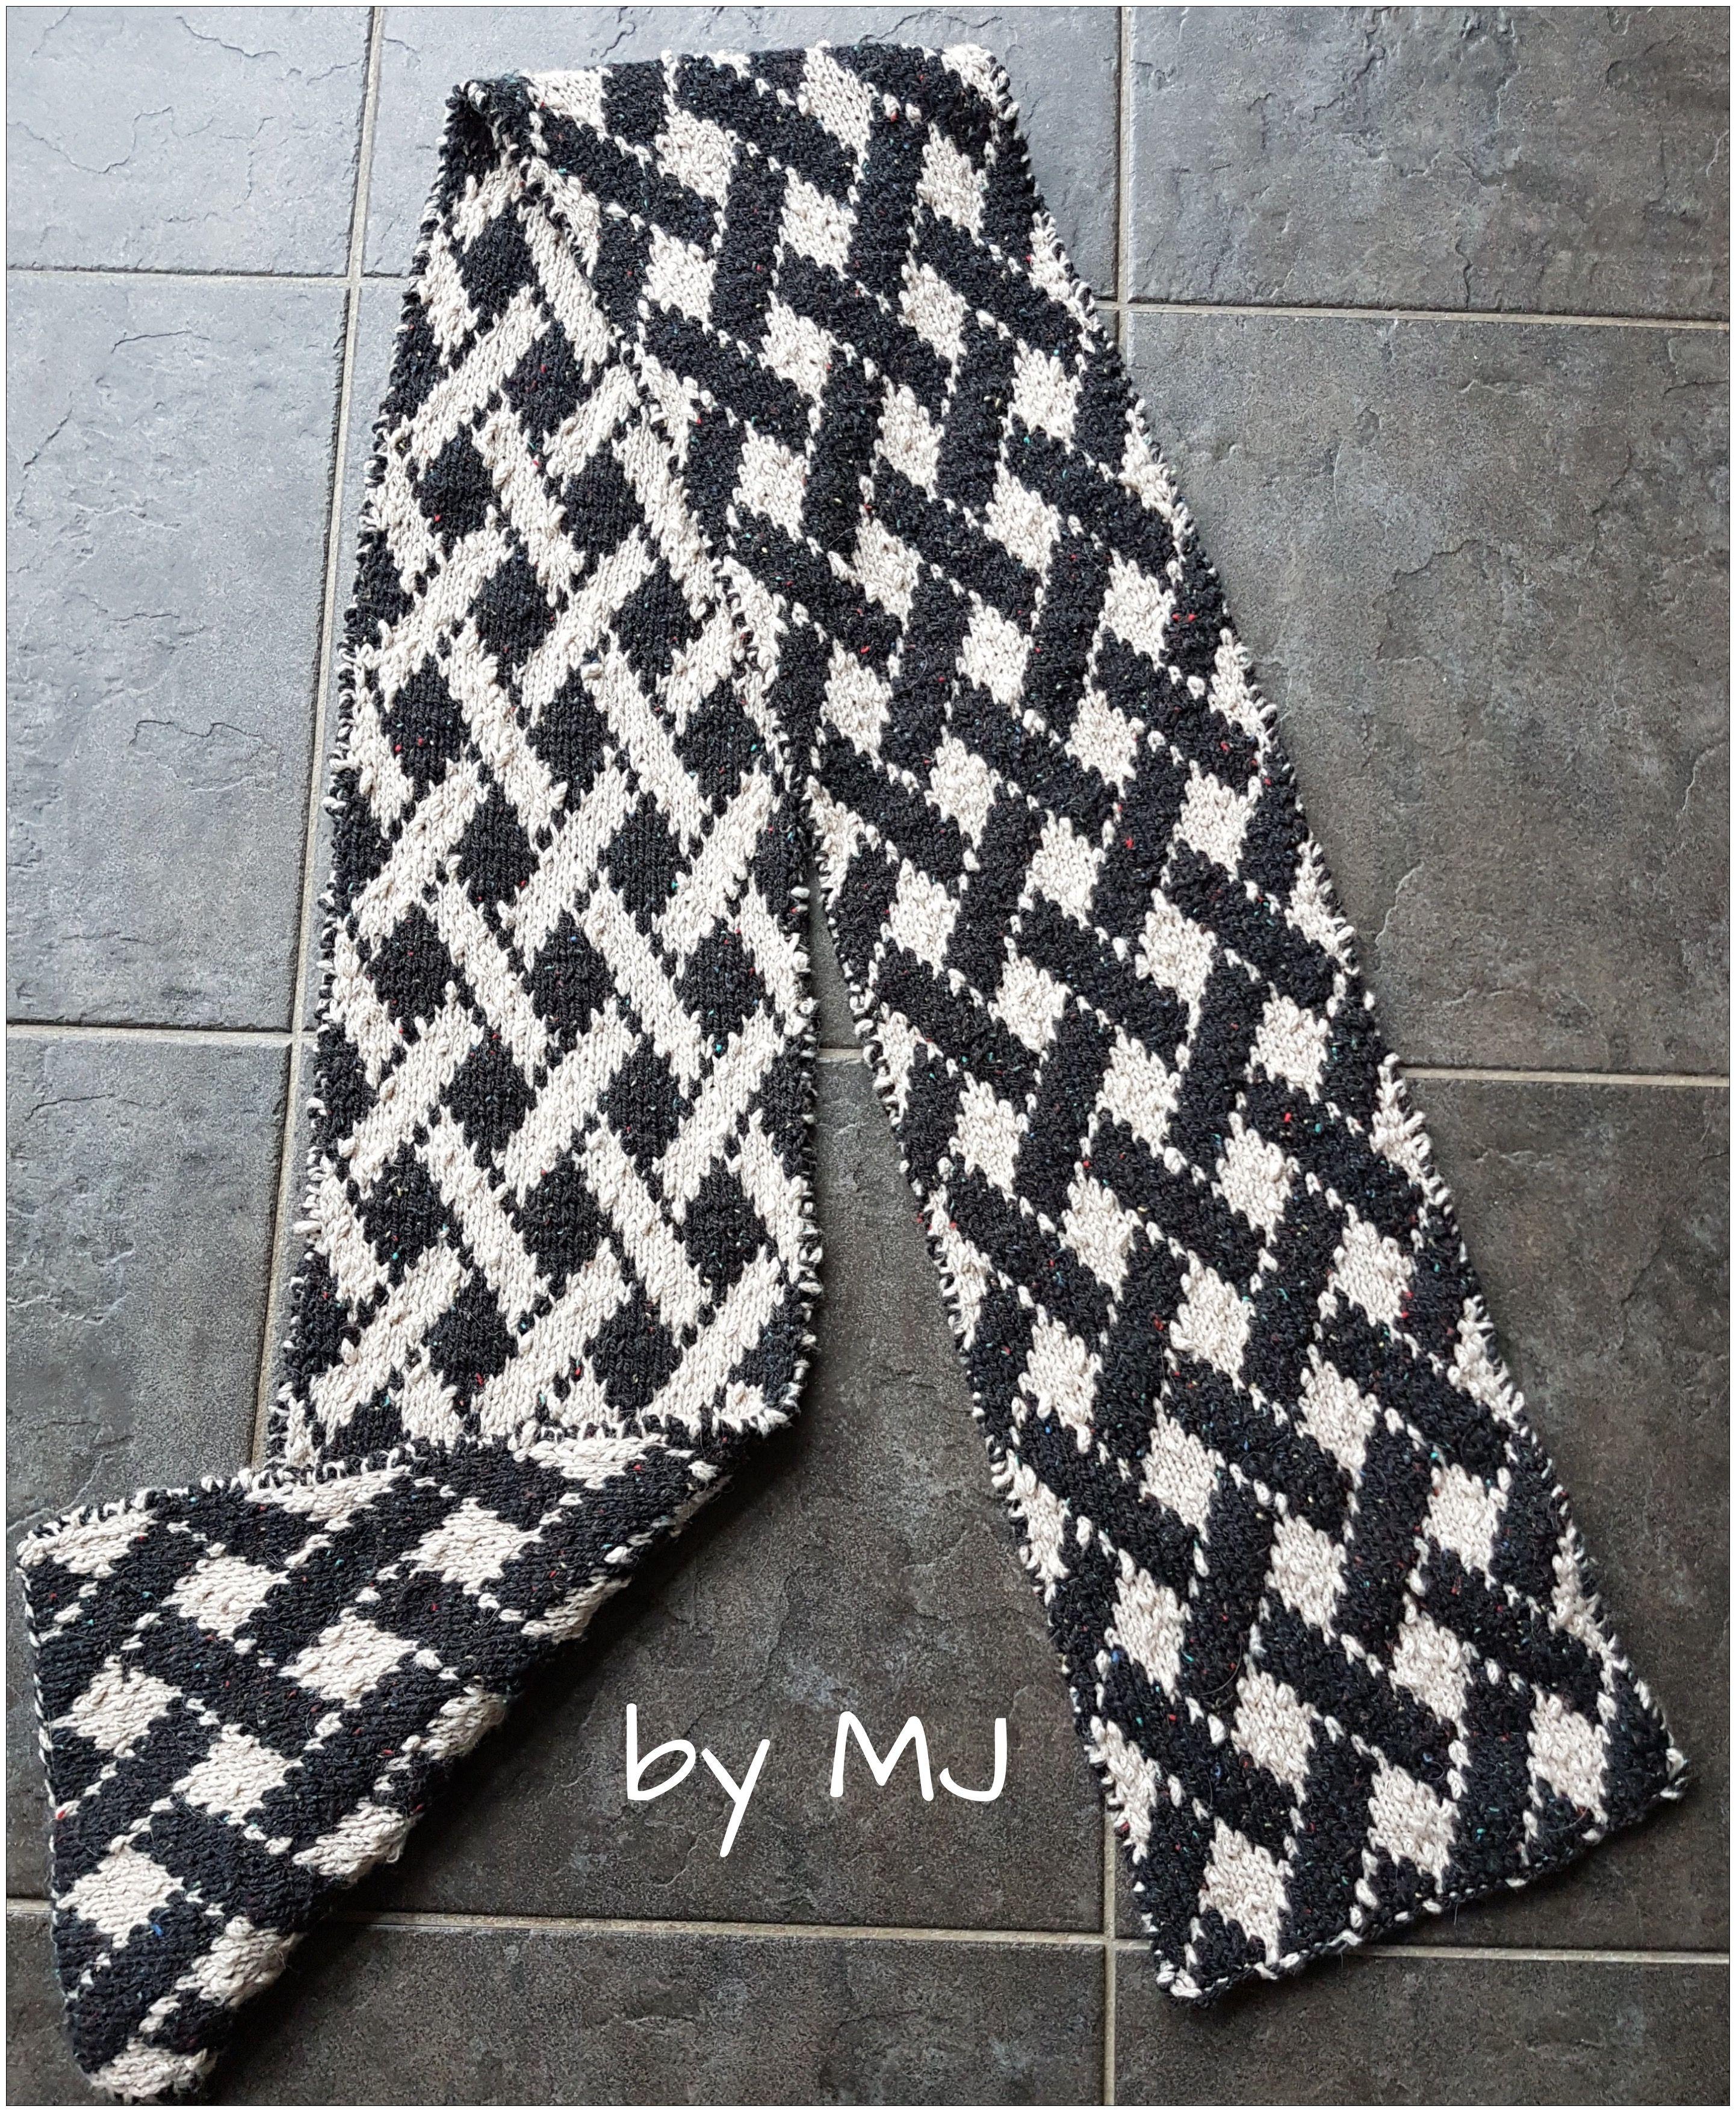 Double Sided Knitting. by MJ free pattern http://jaumatai.jimdo.com ...